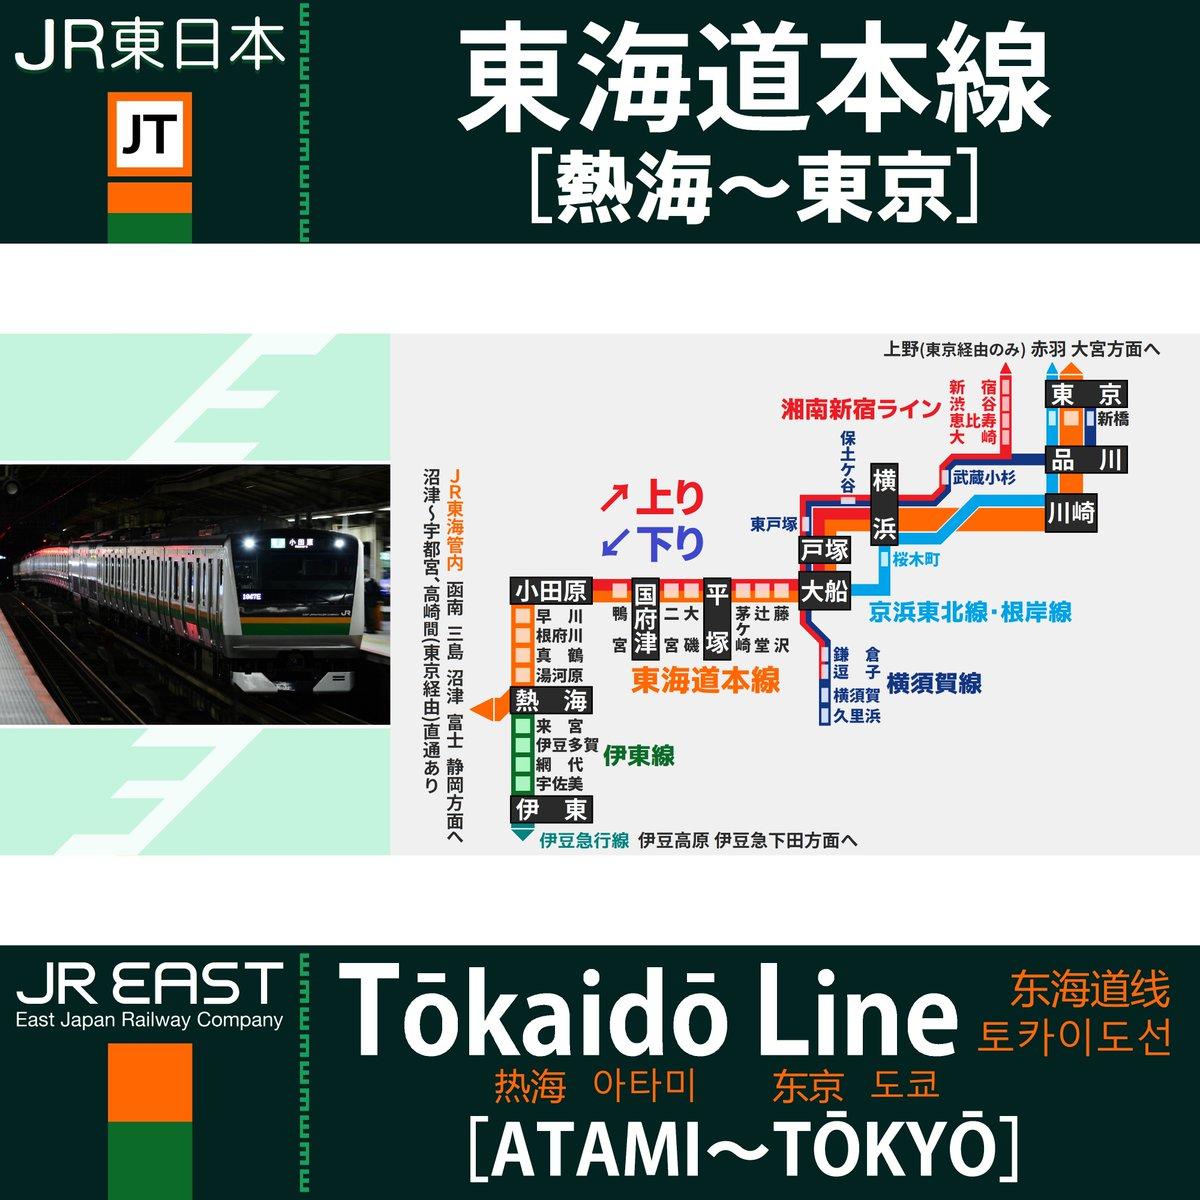 本線 遅延 東海道 遅延証明書:JR東日本